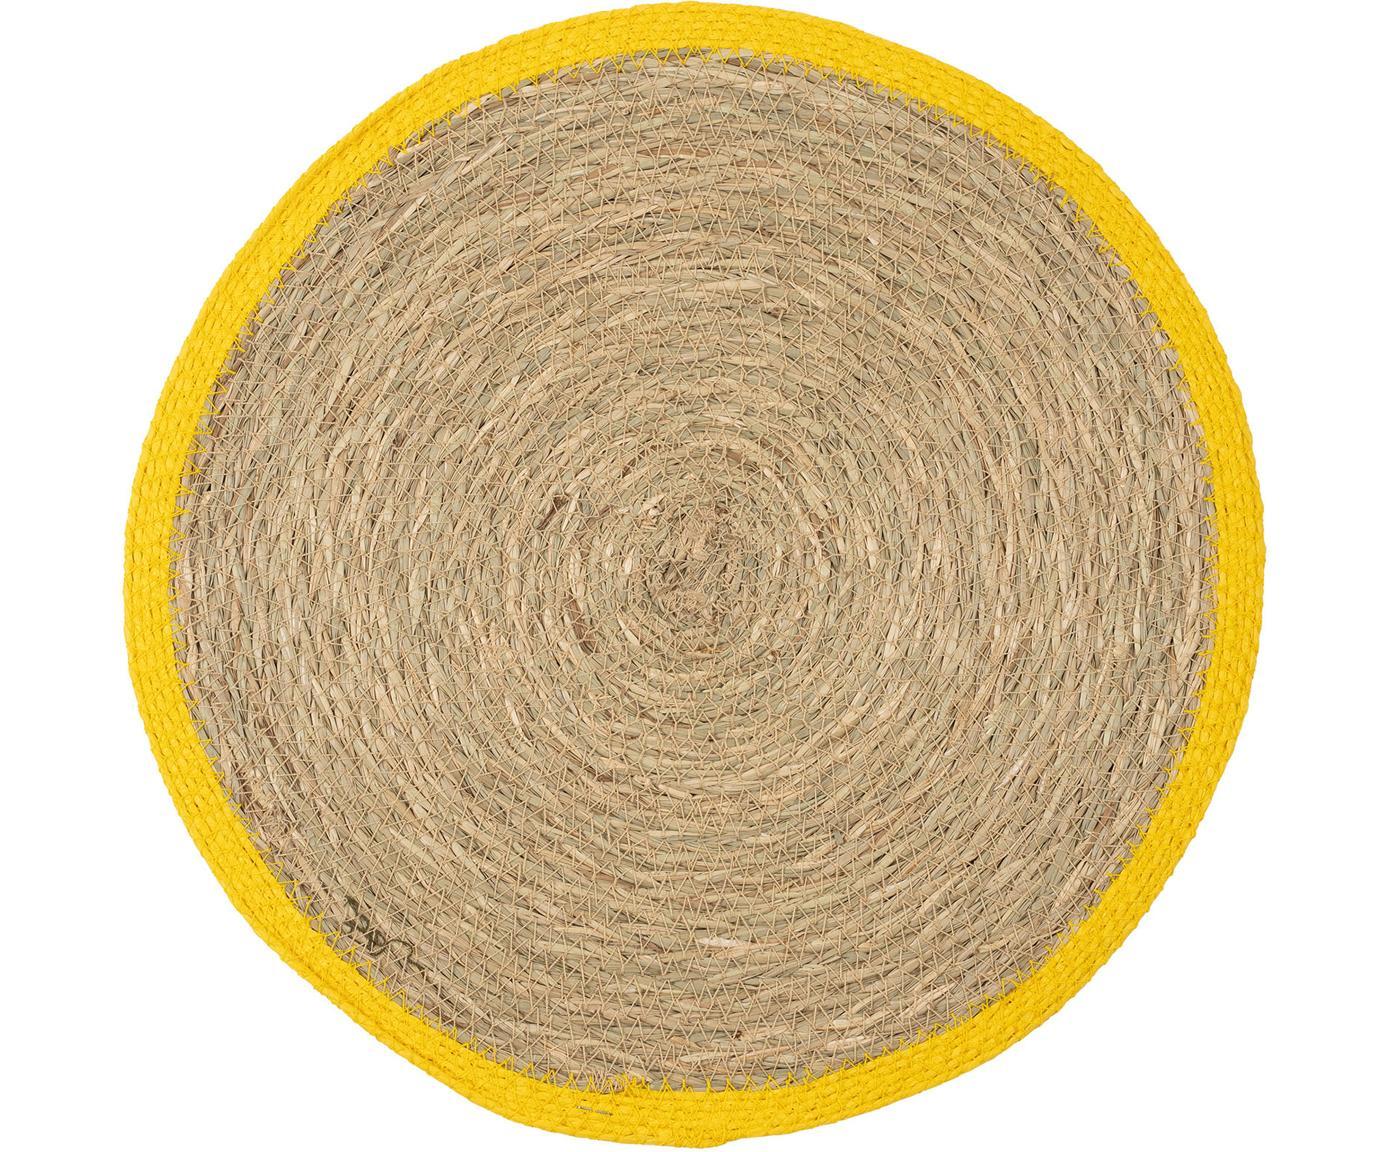 Runde Tischsets Boho, 2 Stück, Seegras, Beige, Gelb, Ø 35 cm